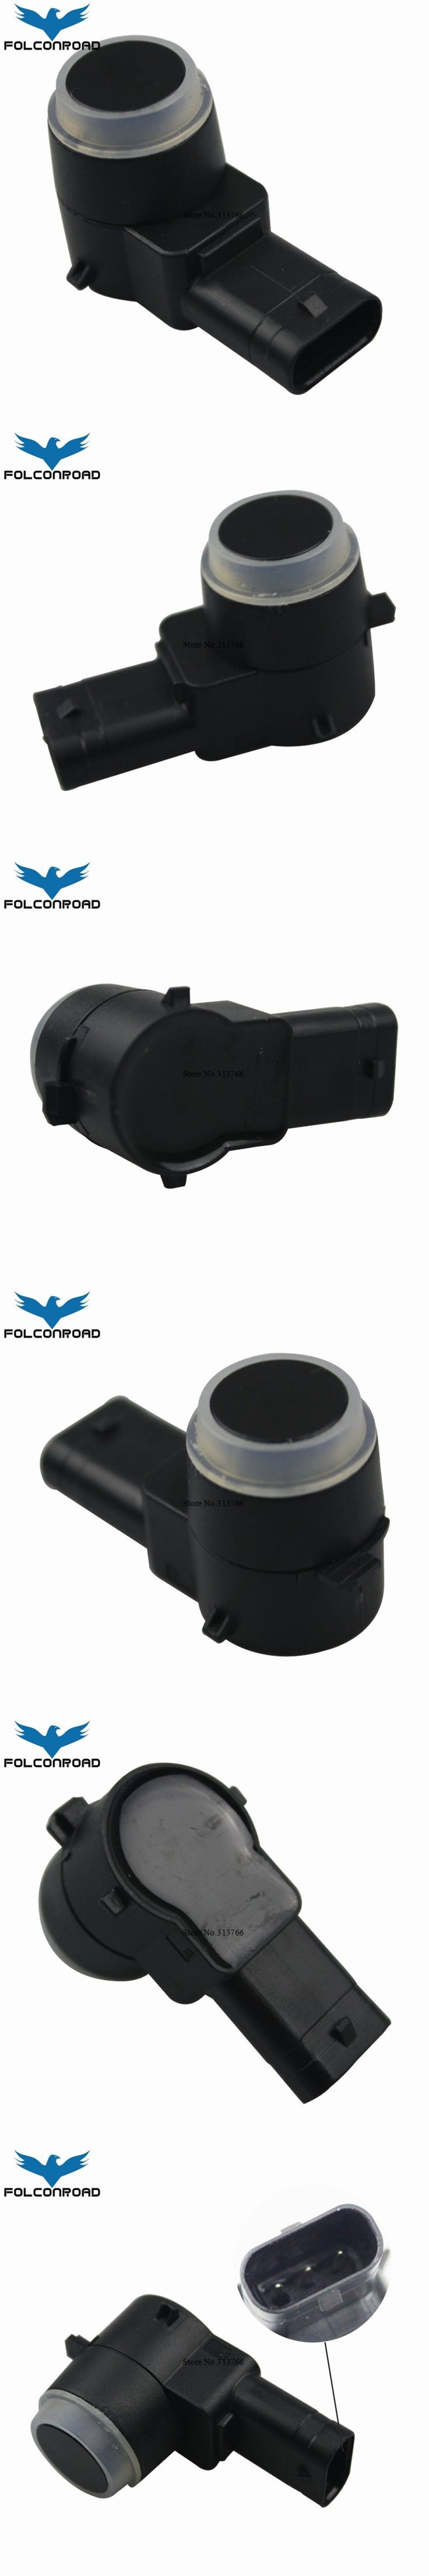 High Qualtiy New Parking Assist Sensor PDC A2125420018 Fits Mercedes Benz A 212 542 00 18,2125420018 , 212 542 00 18